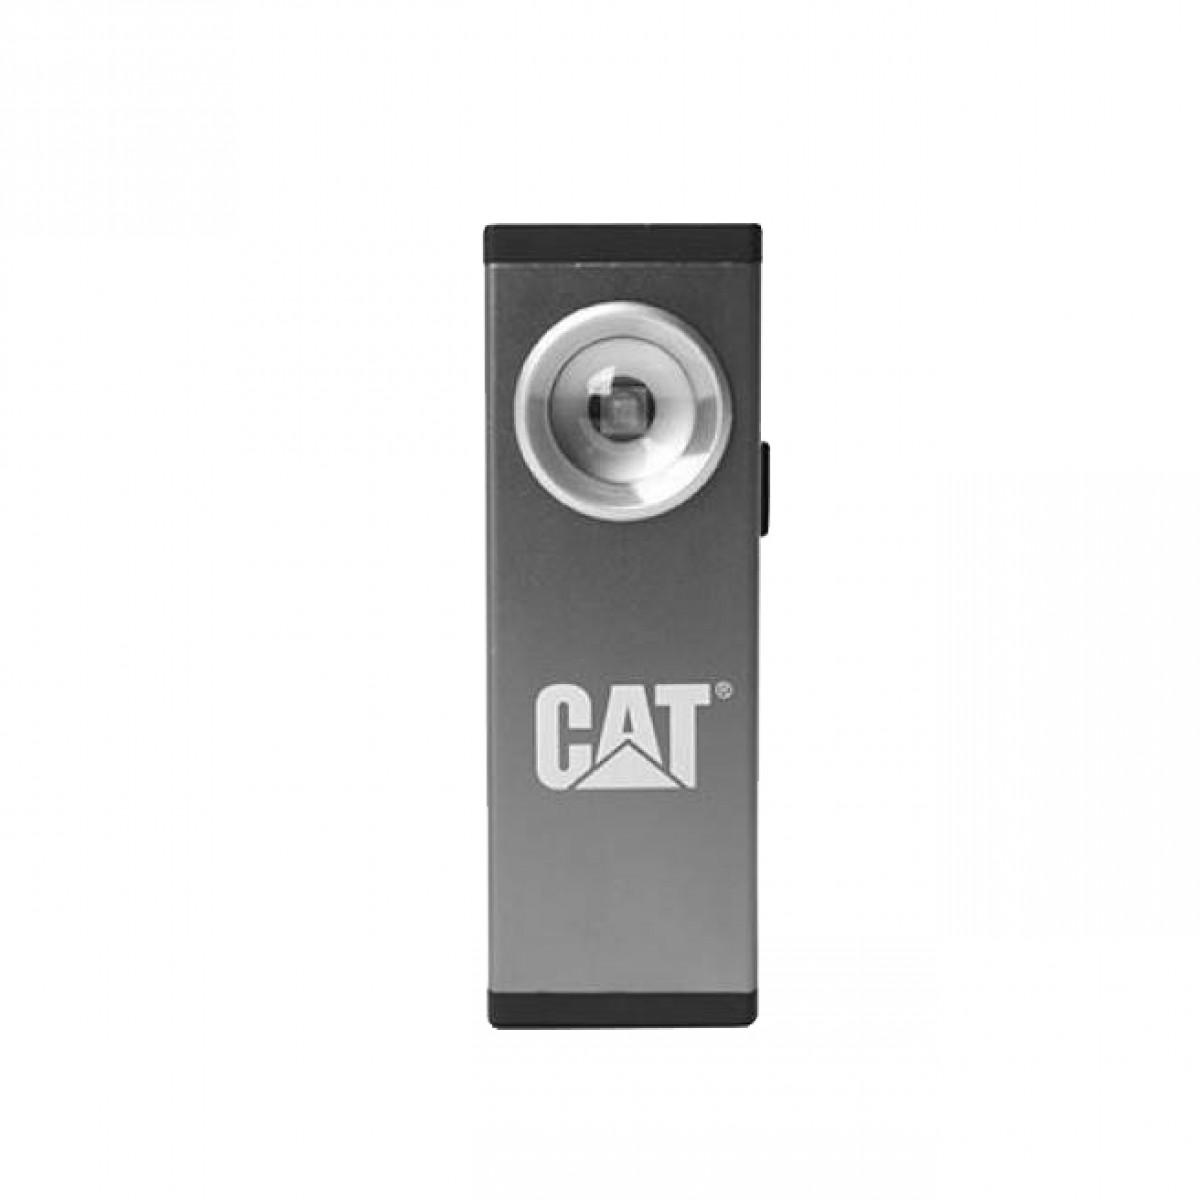 Φακός τσέπης διπλής έντασης 120 & 250 Lumens CT5110 CAT Lights